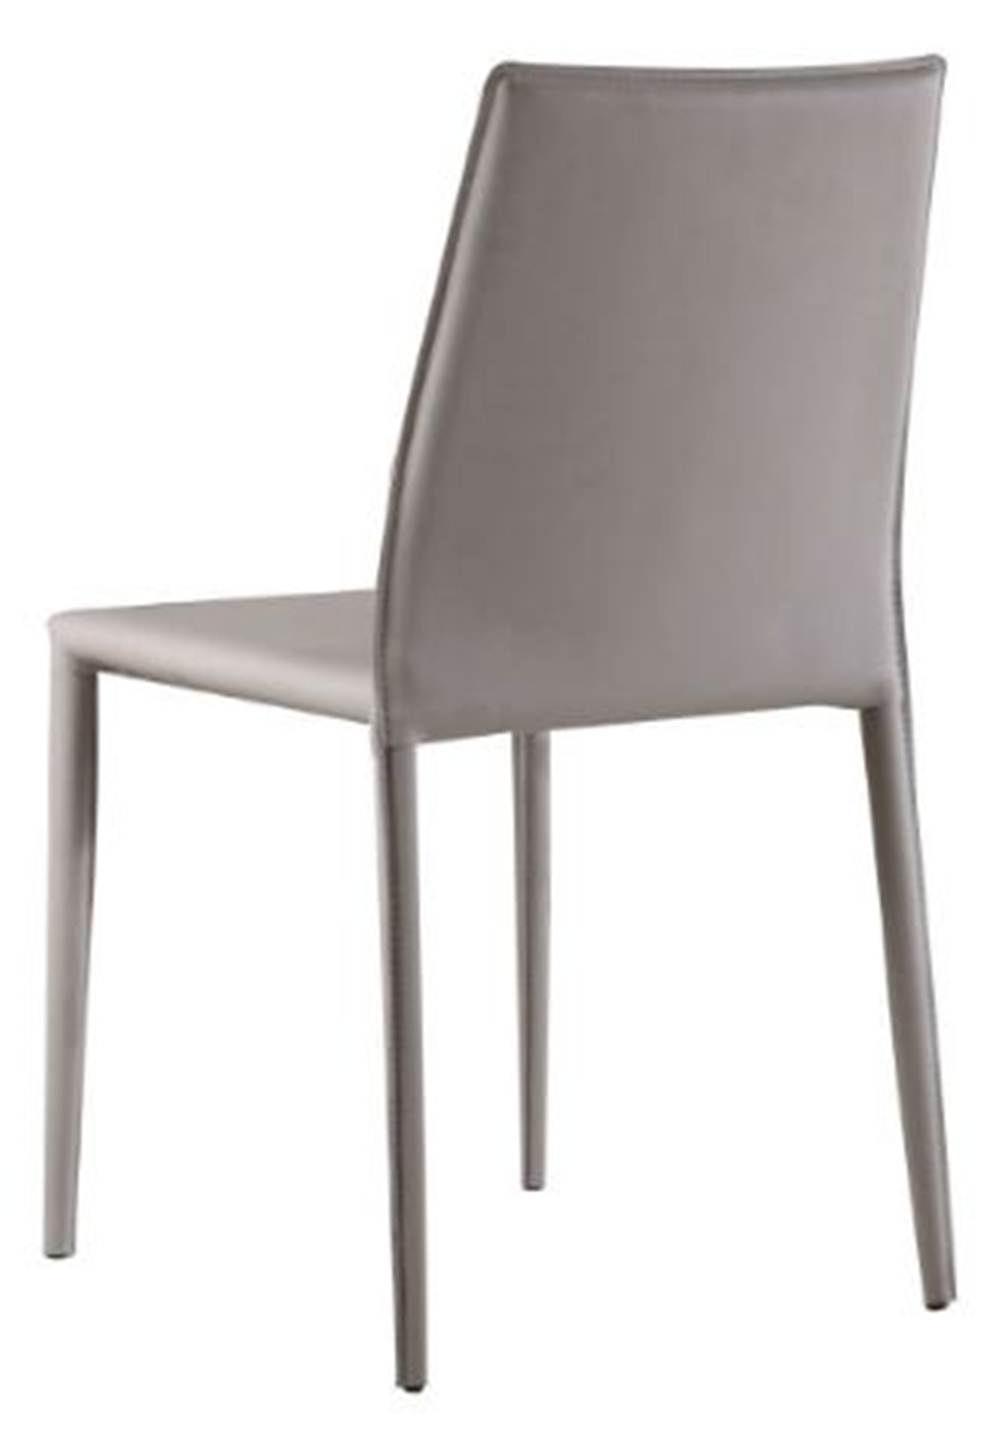 Cadeira Amanda 6606 em Metal PVC Nude - 32869